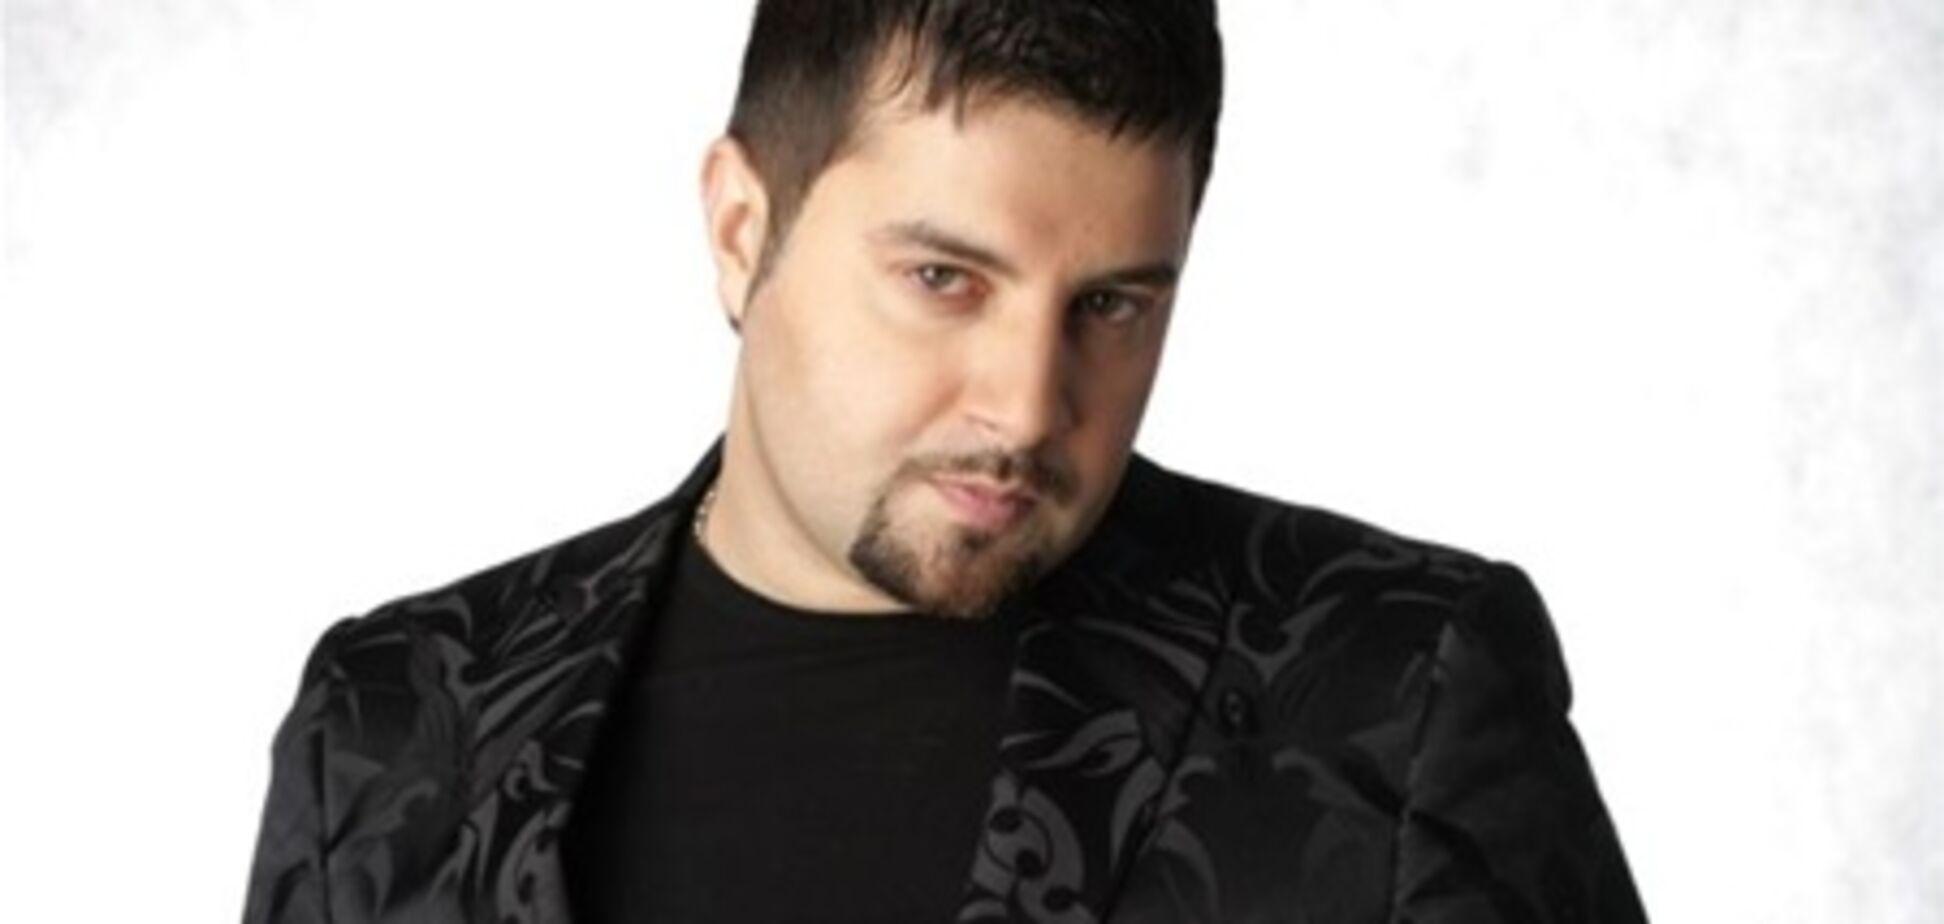 Климашенко рассказал, как артисты предлагают продюсерам секс